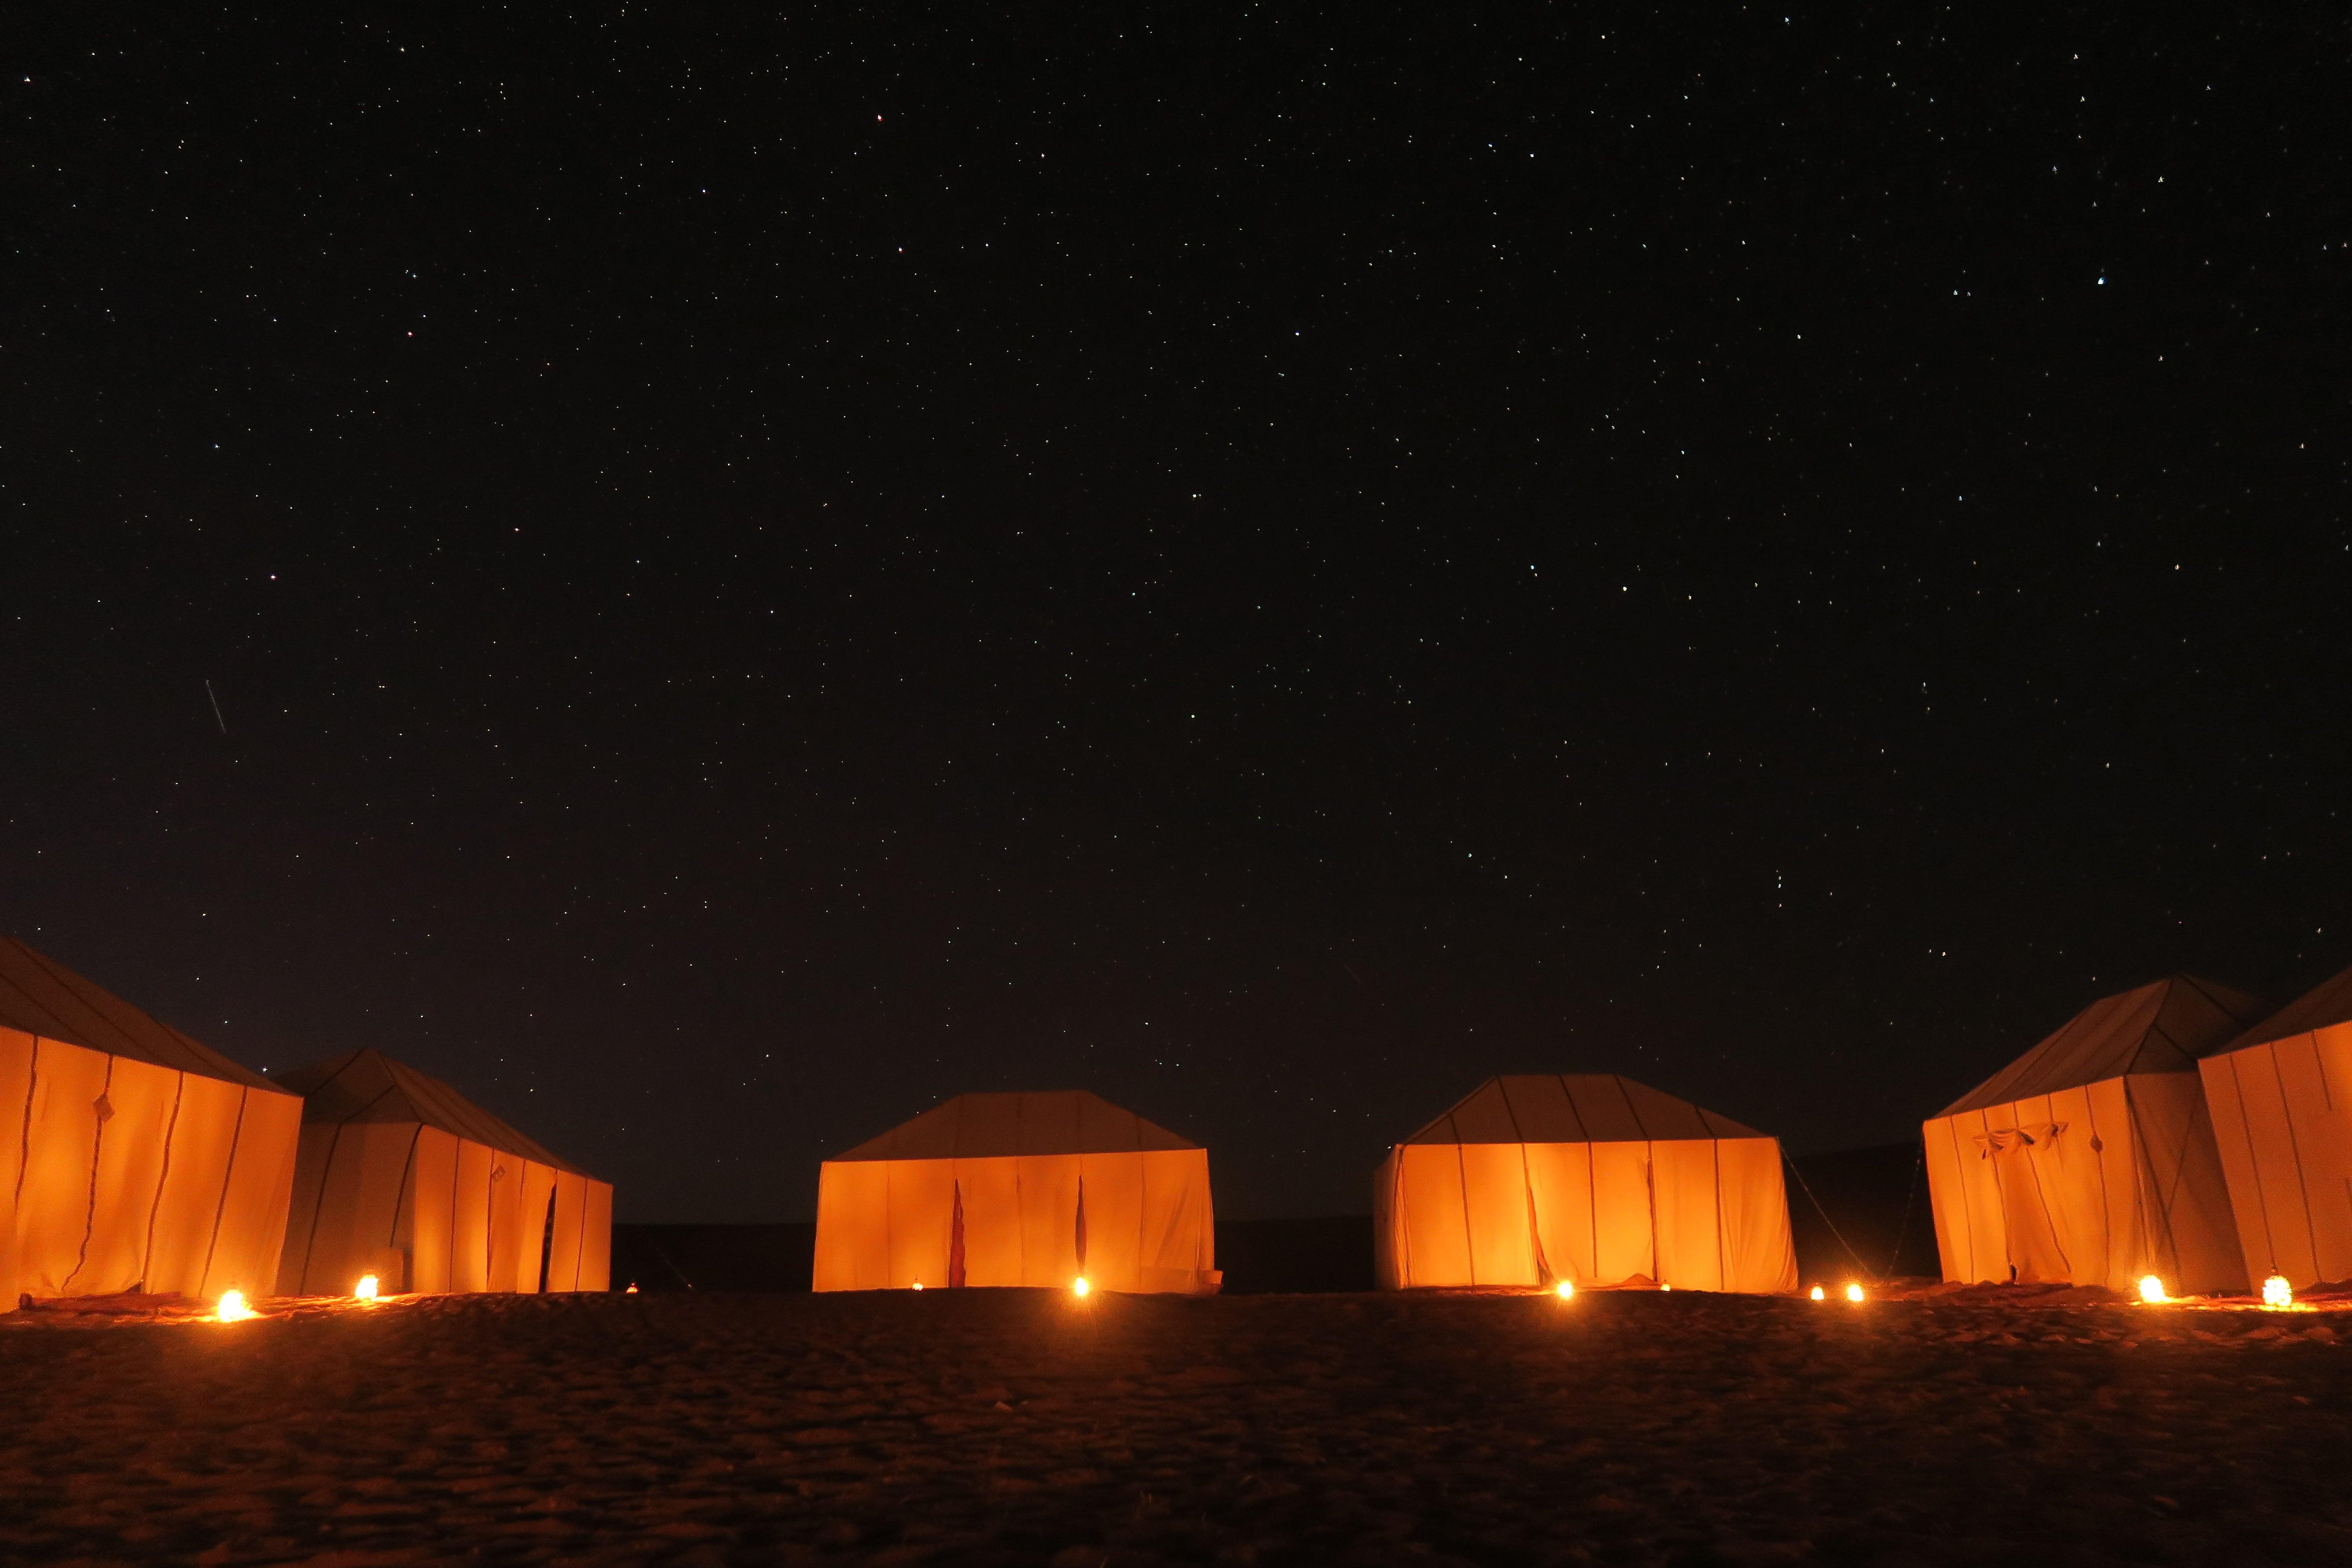 The best desert camp in erg chigaga dunes in the sahara desert of